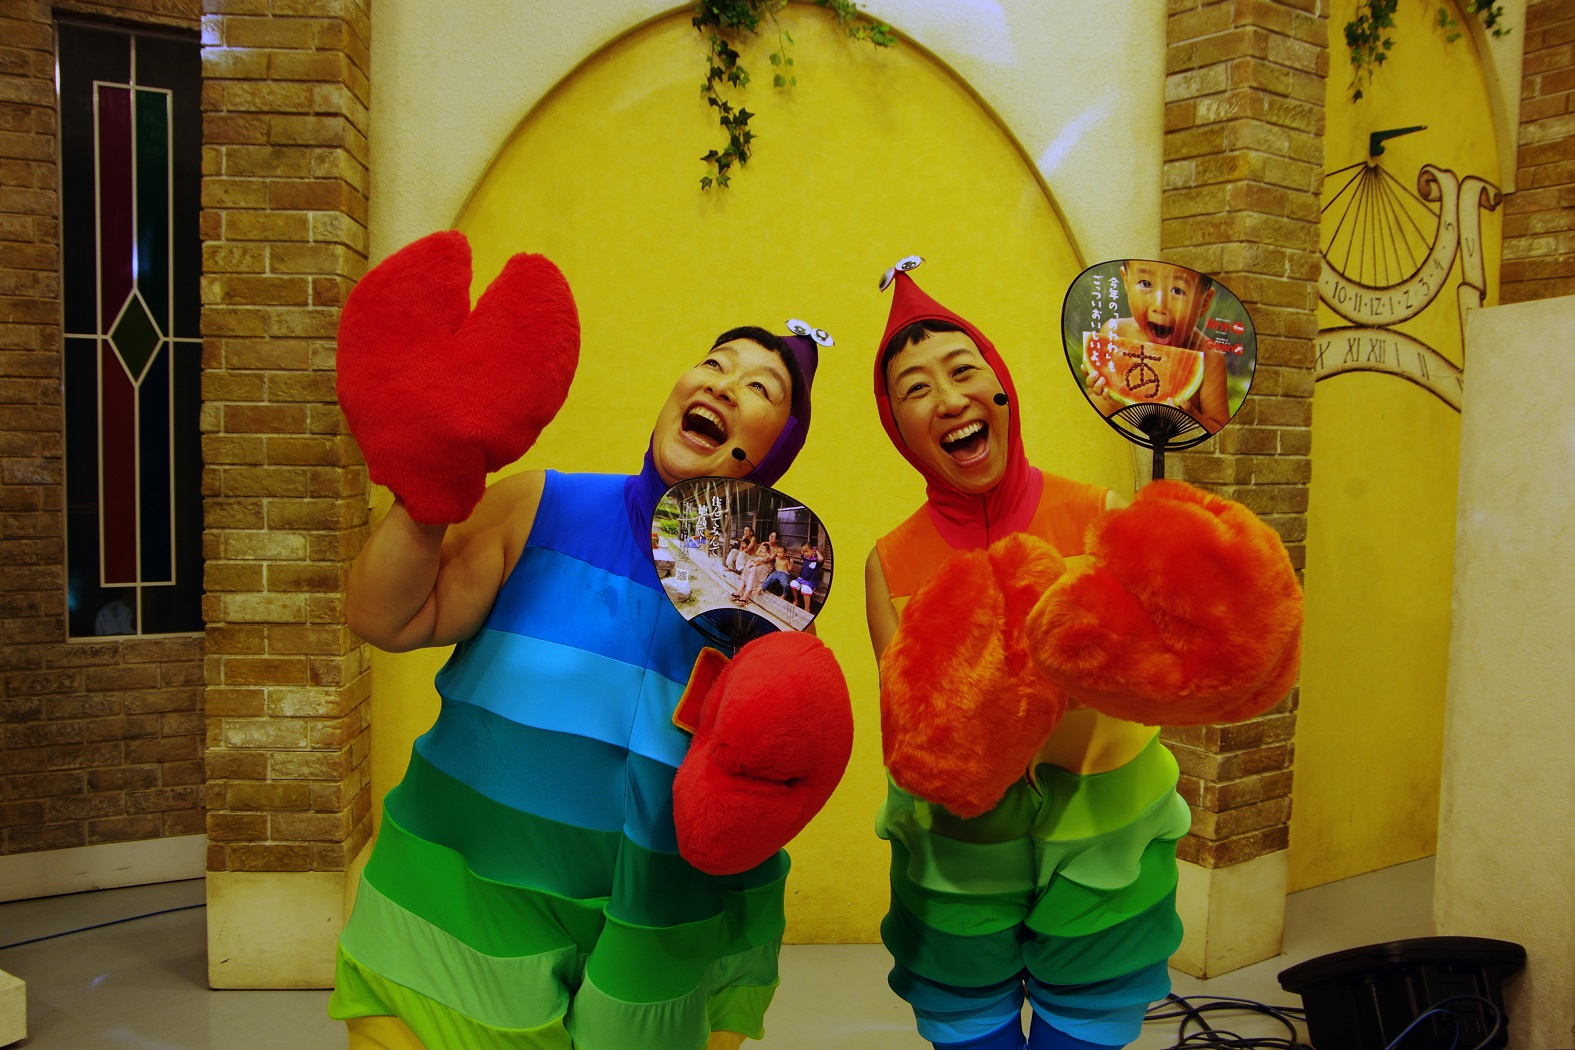 8月12日配布!あわわウチワと有名人・徳島の名所の写真を撮ろうー!